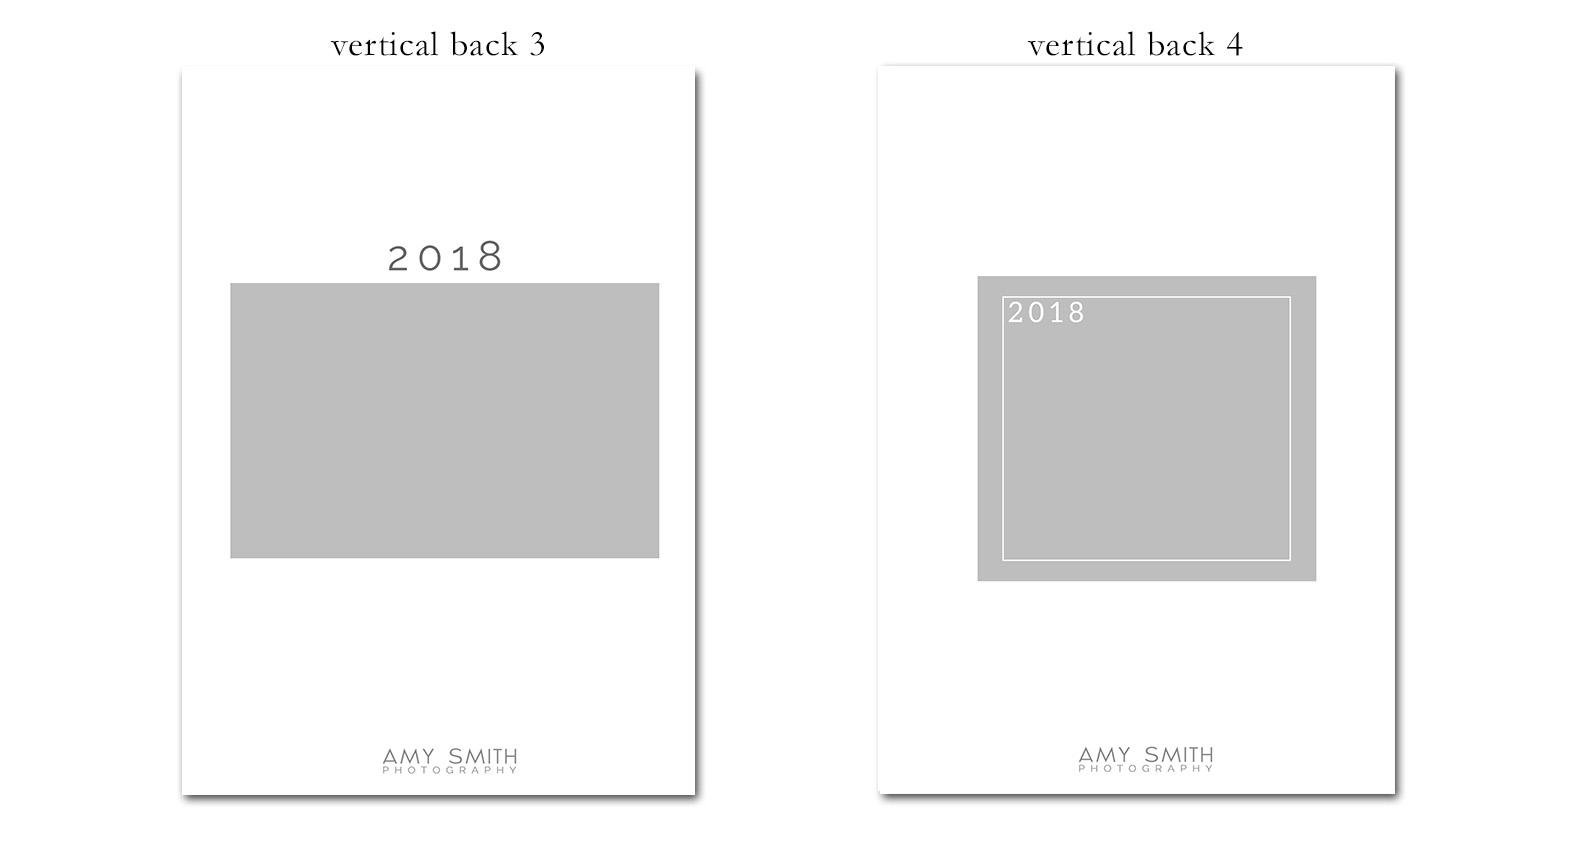 verticalback34.jpg